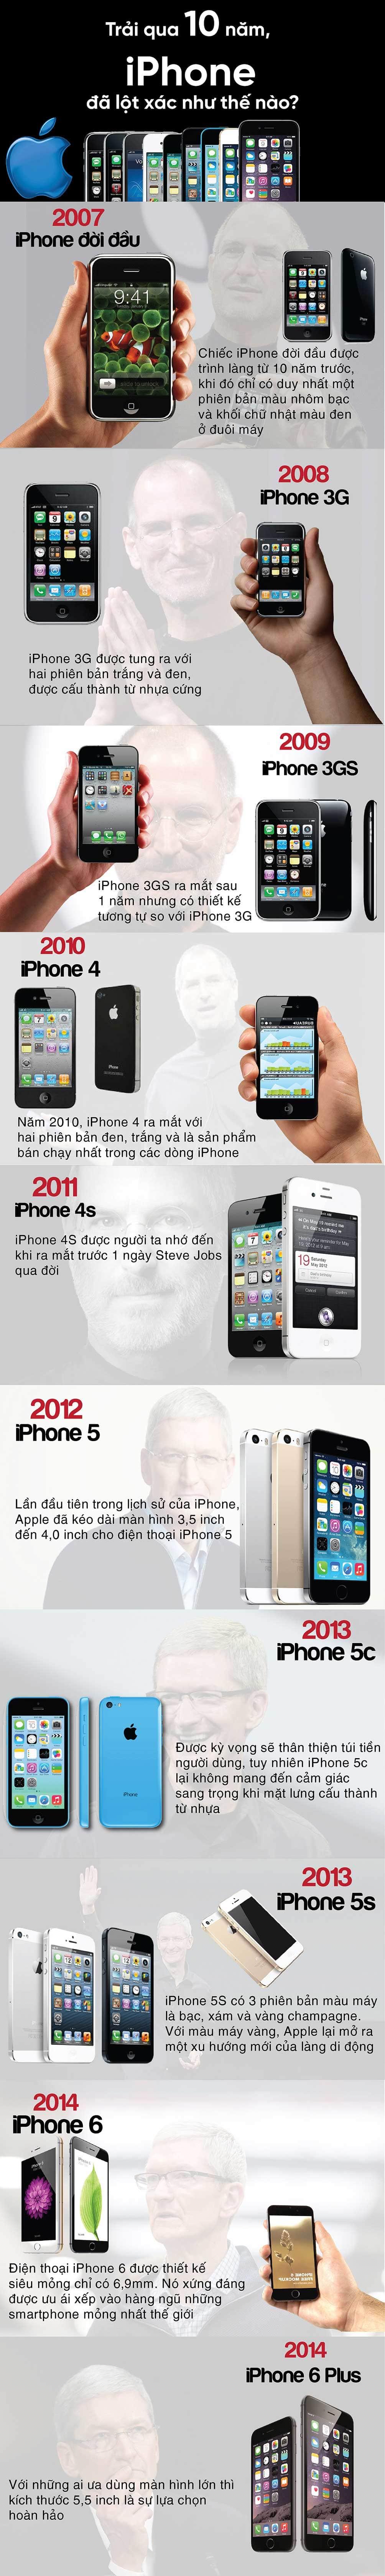 IPhone đã lột xác như thế nào sau 10 năm? - 1